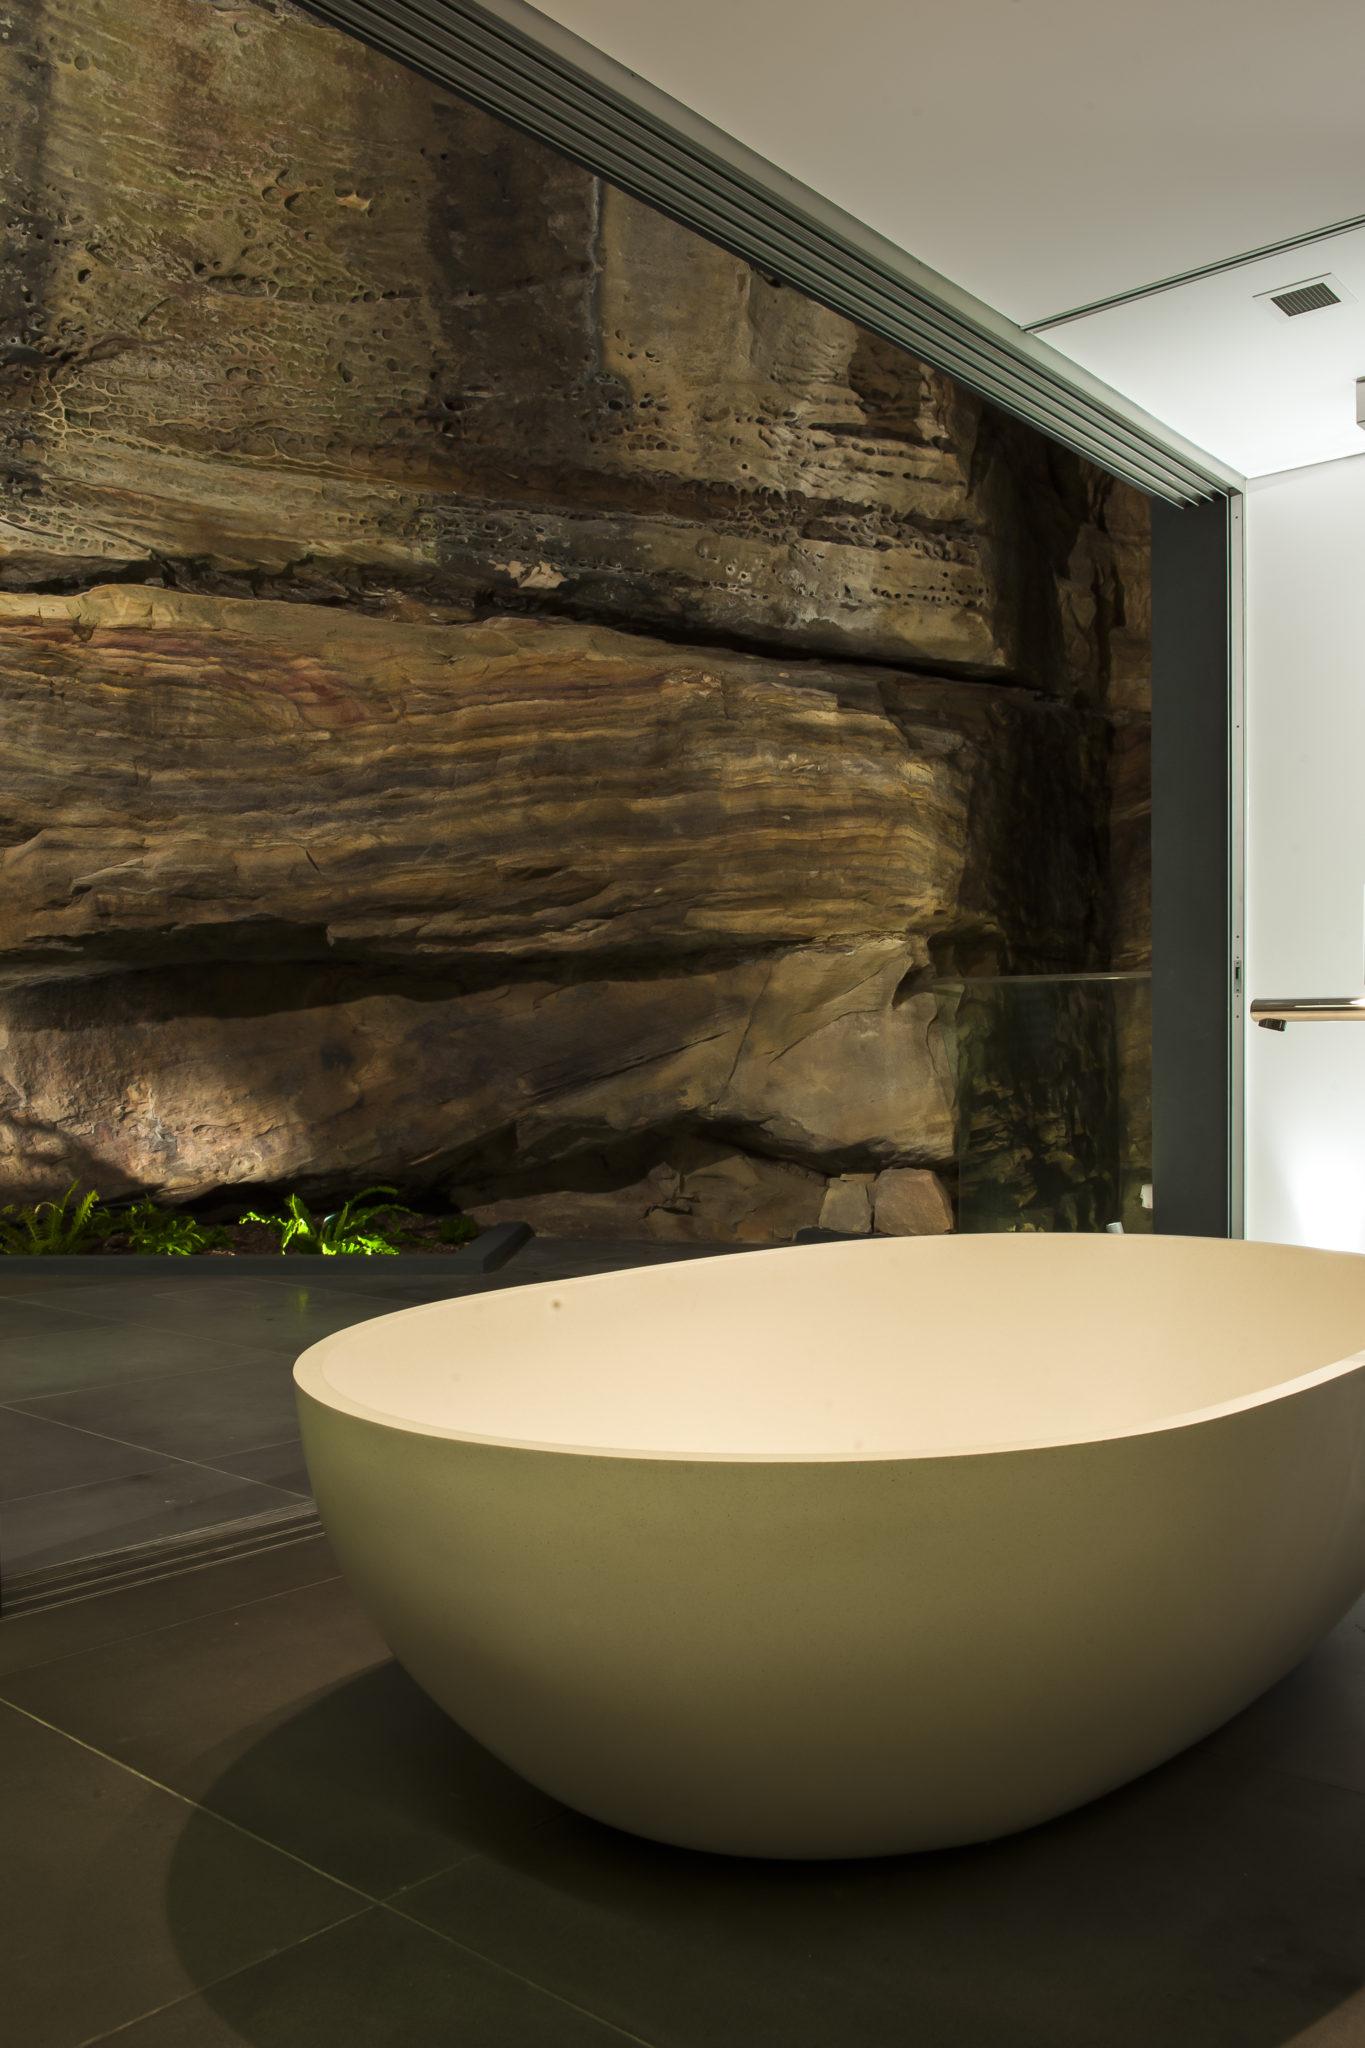 kbdi australian bathroom designer year 2013 darren genner - Australian Bathroom Designs